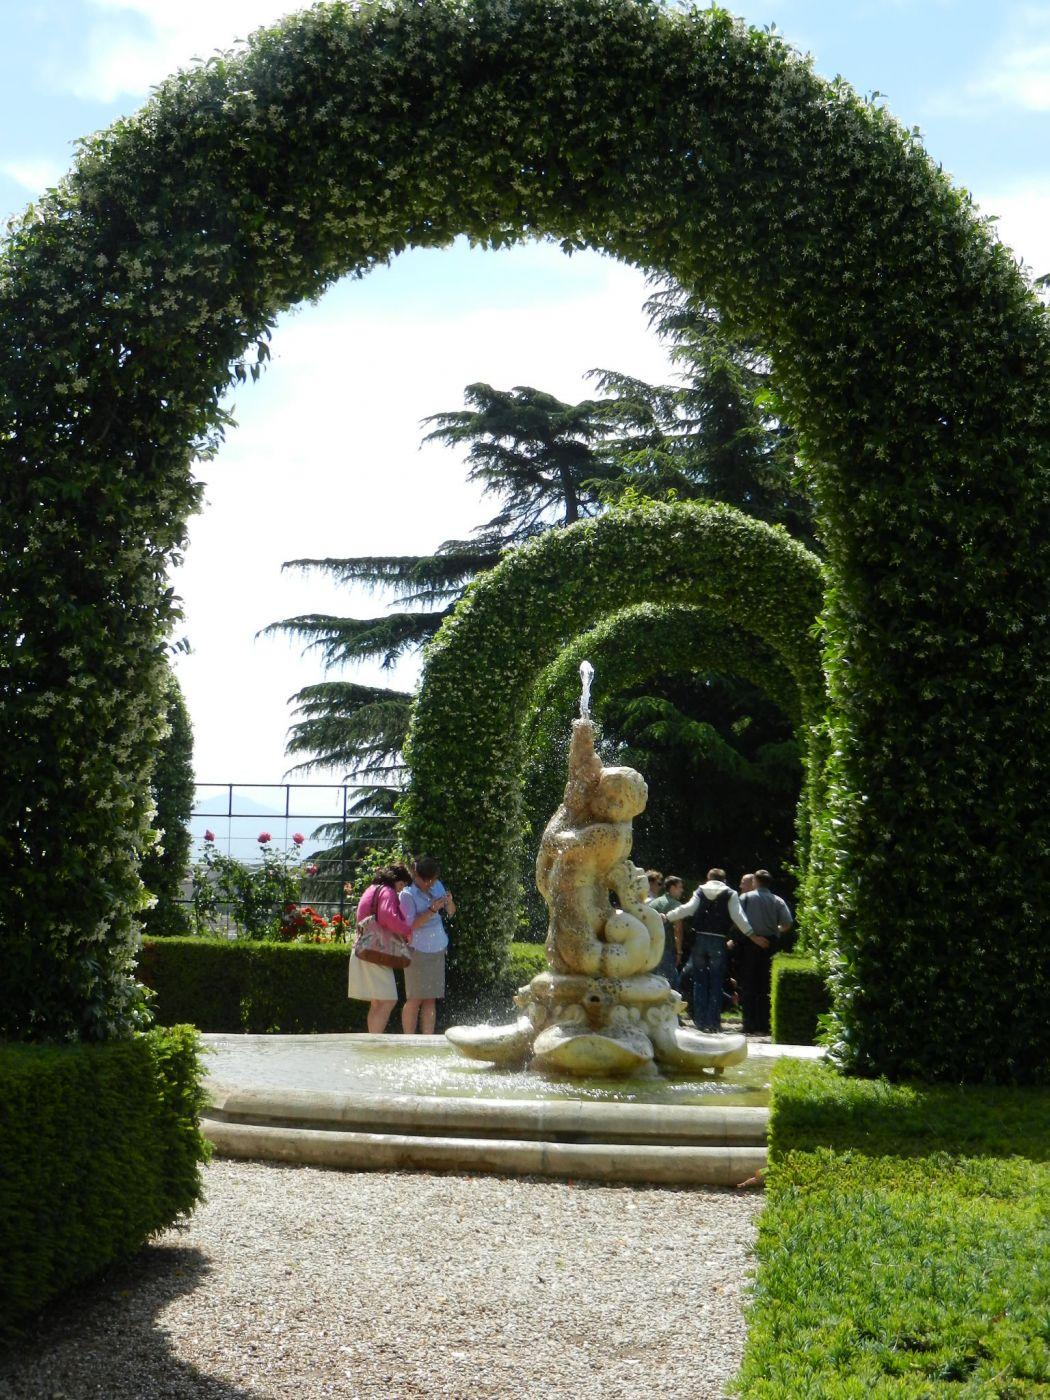 Vatican Rose Garden, Vatican City State